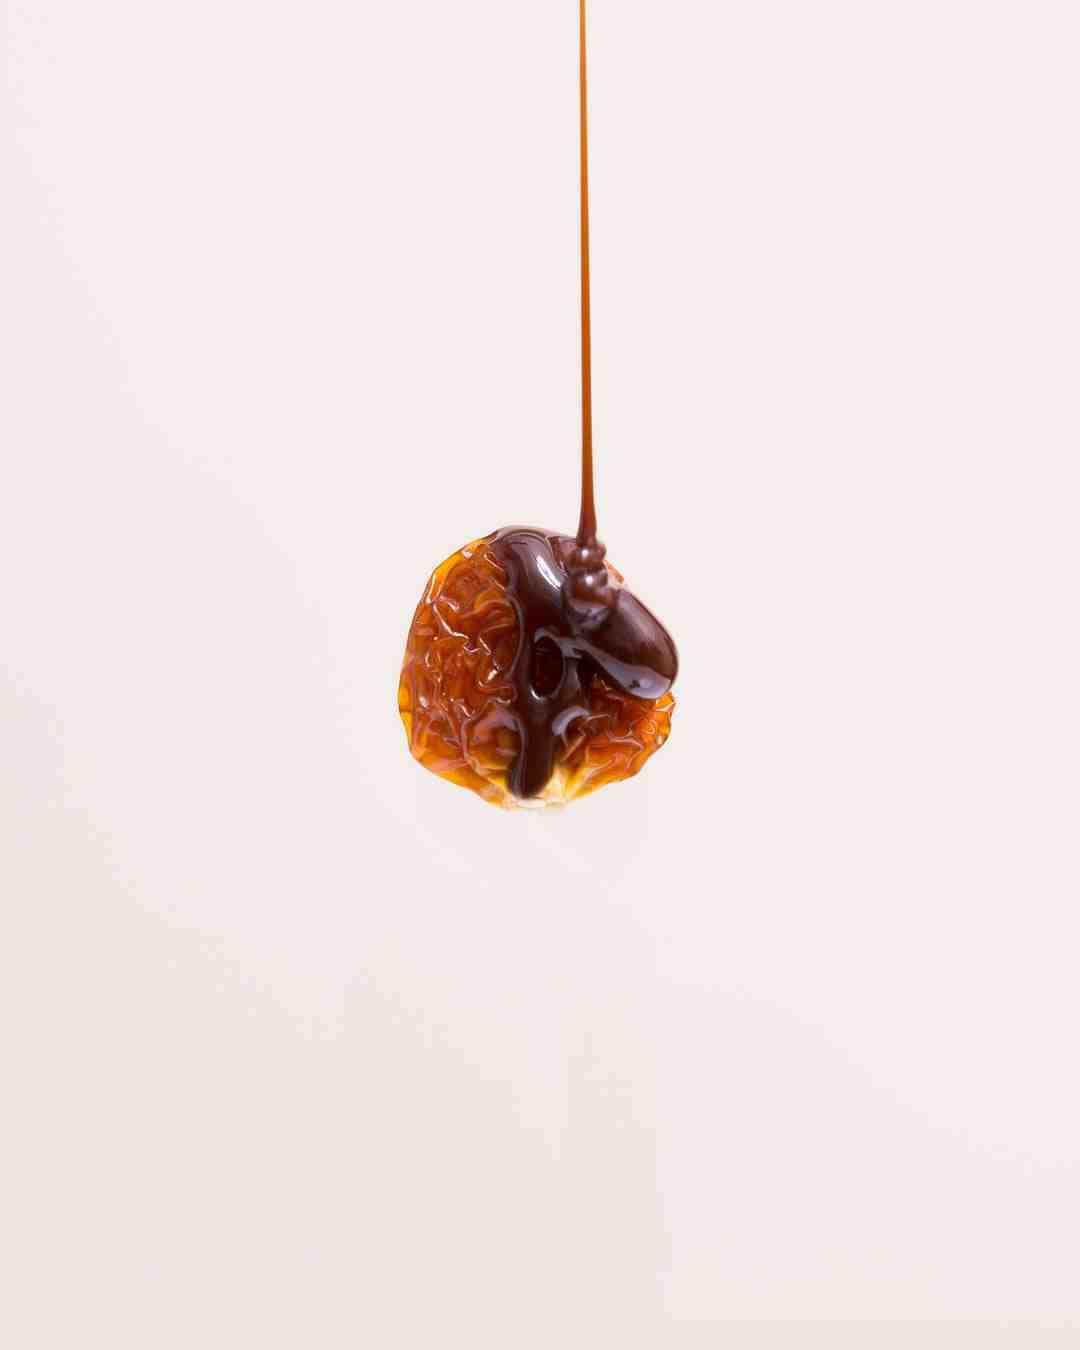 Comment utiliser les raisins?